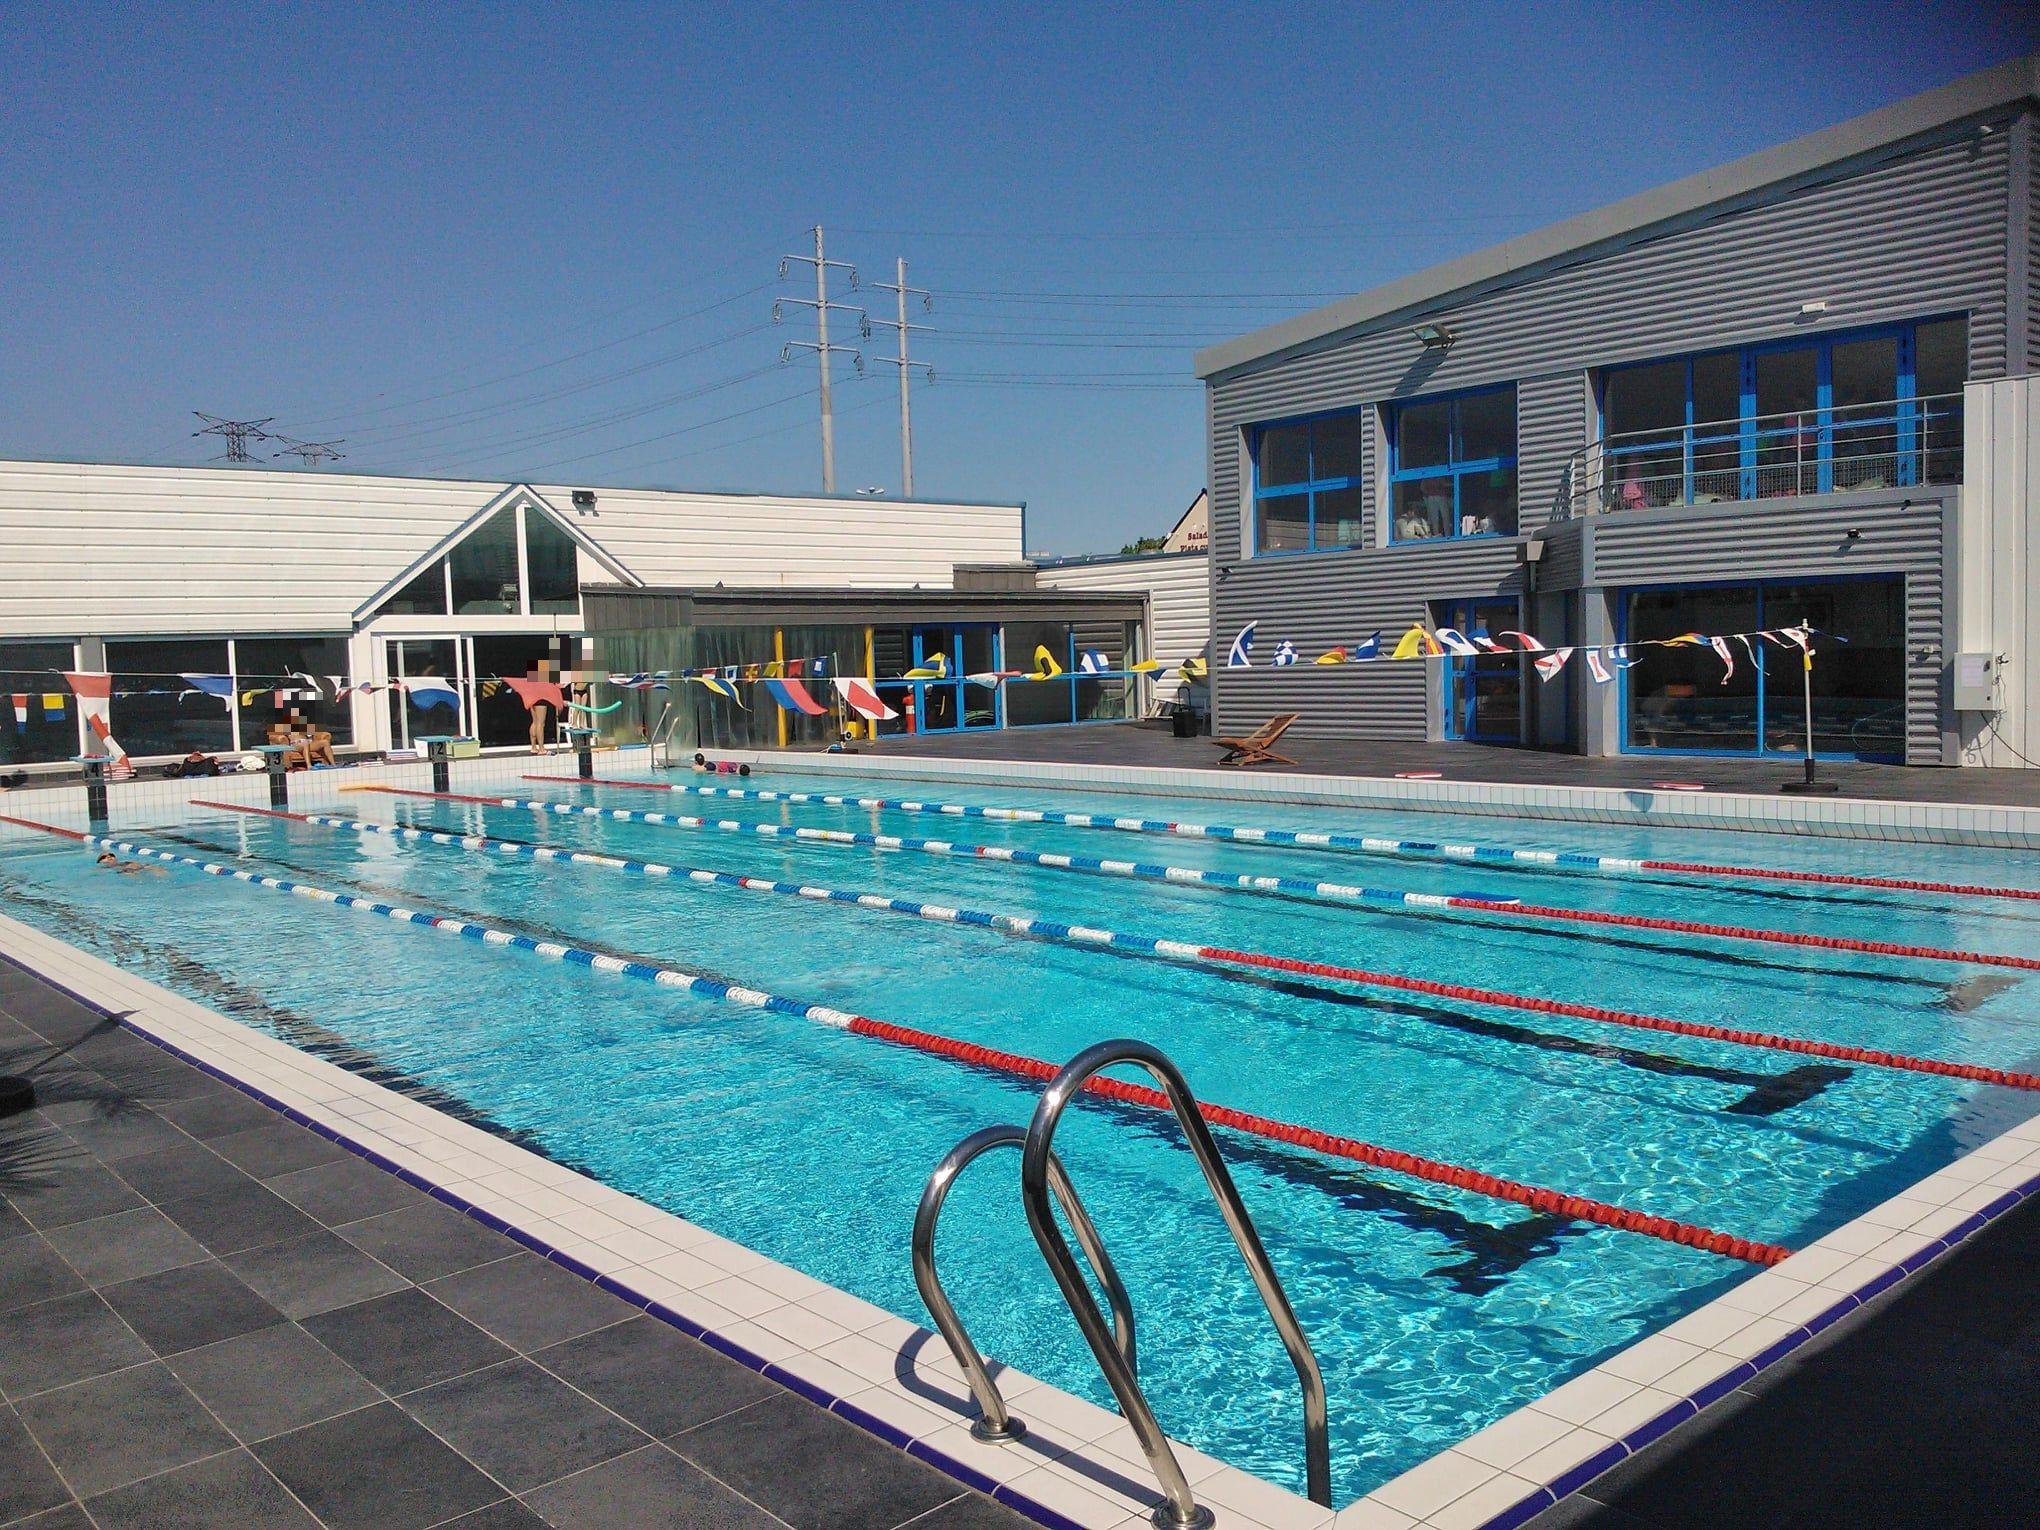 Vente Aquagym, natation, fitness, SPA près de Quimper dans une zone commerciale et résidentielle (29000)